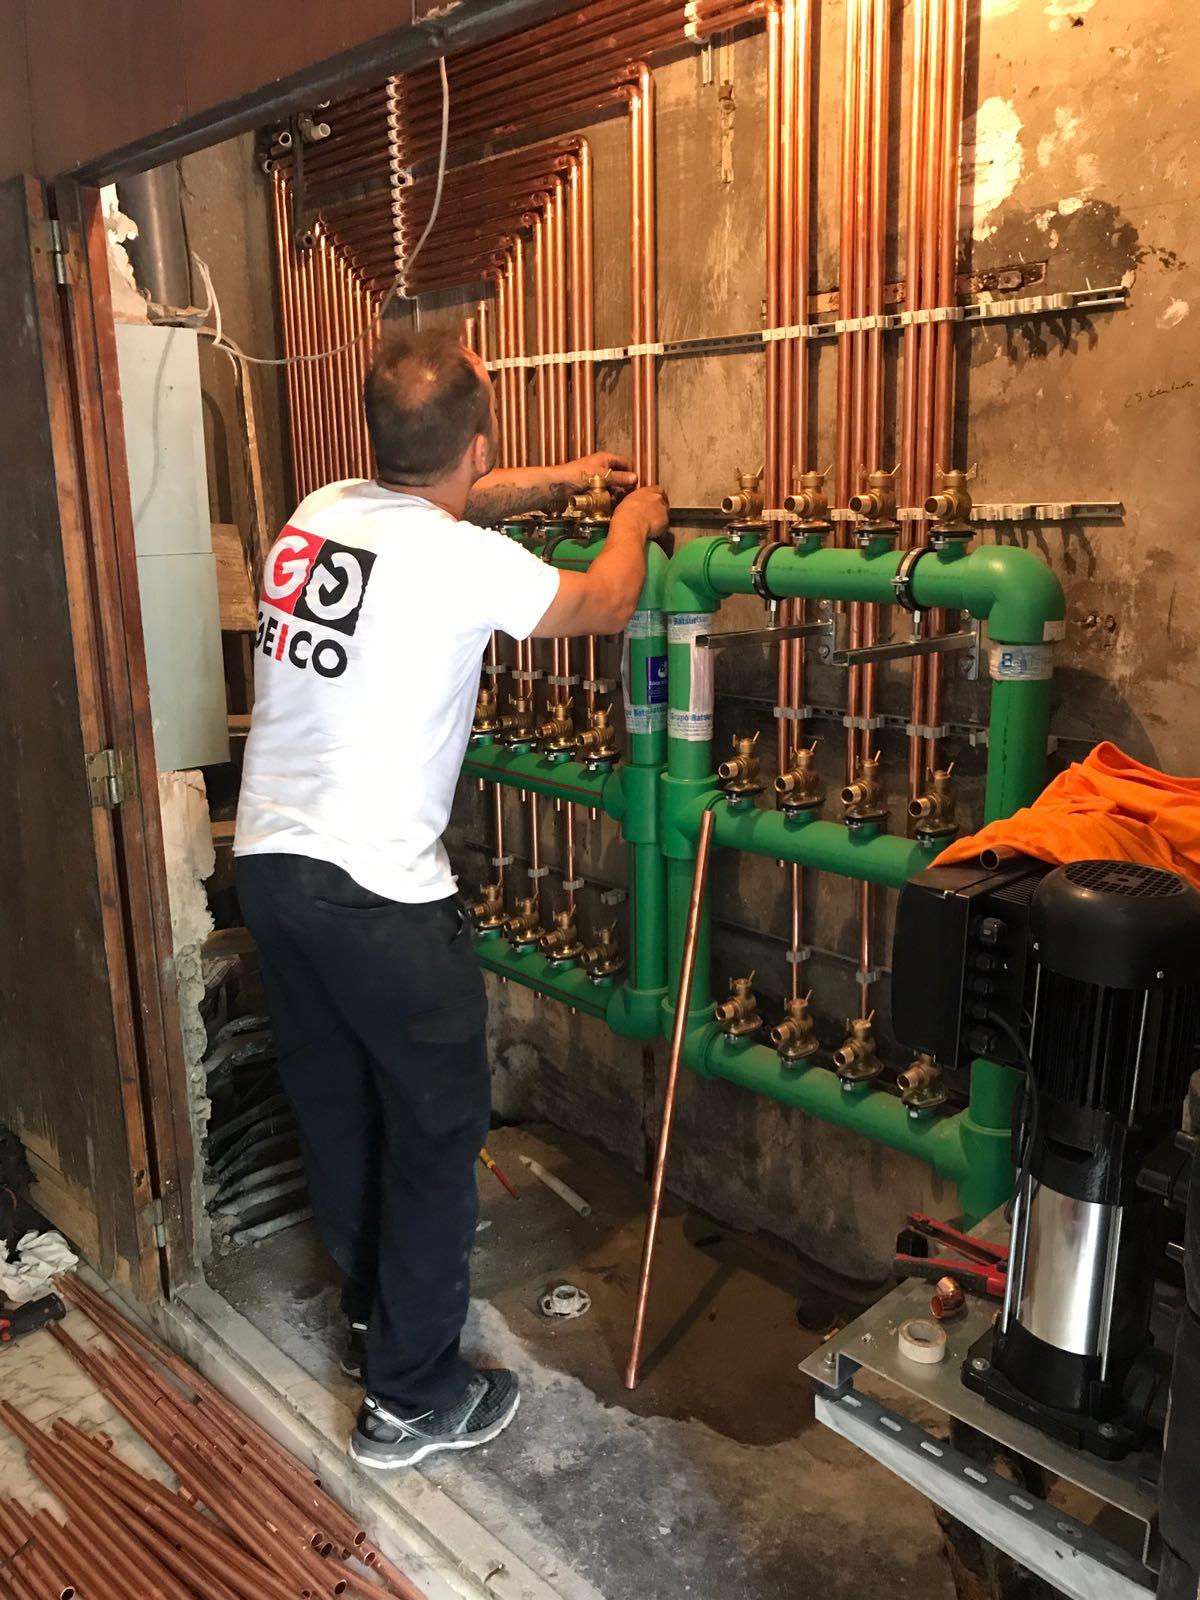 Trabajos de fontaner a - Trabajos de fontaneria ...